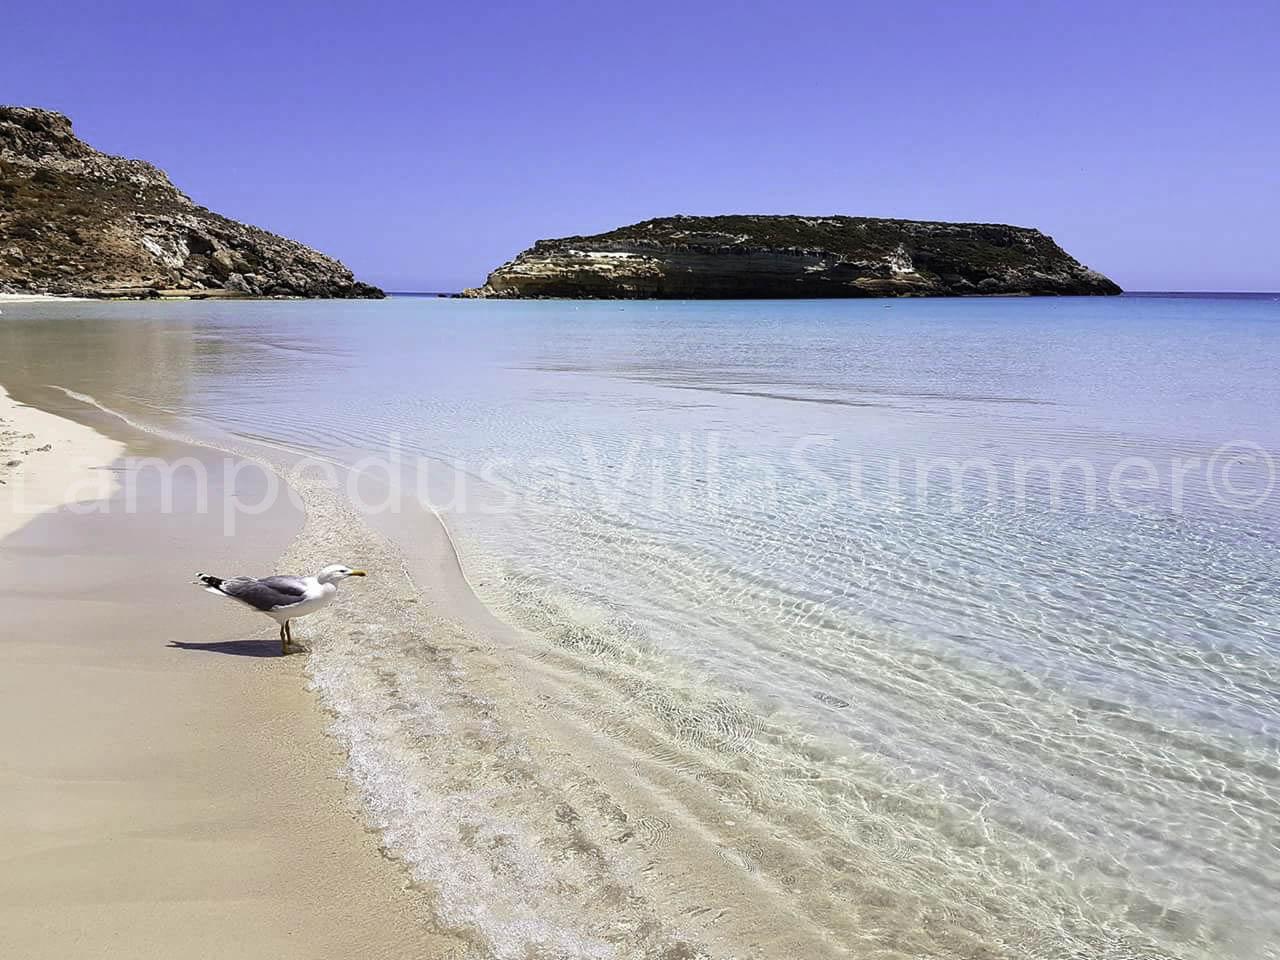 L Isola Dei Conigli La Spiaggia Piu Bella Del Mondo Lampedusa